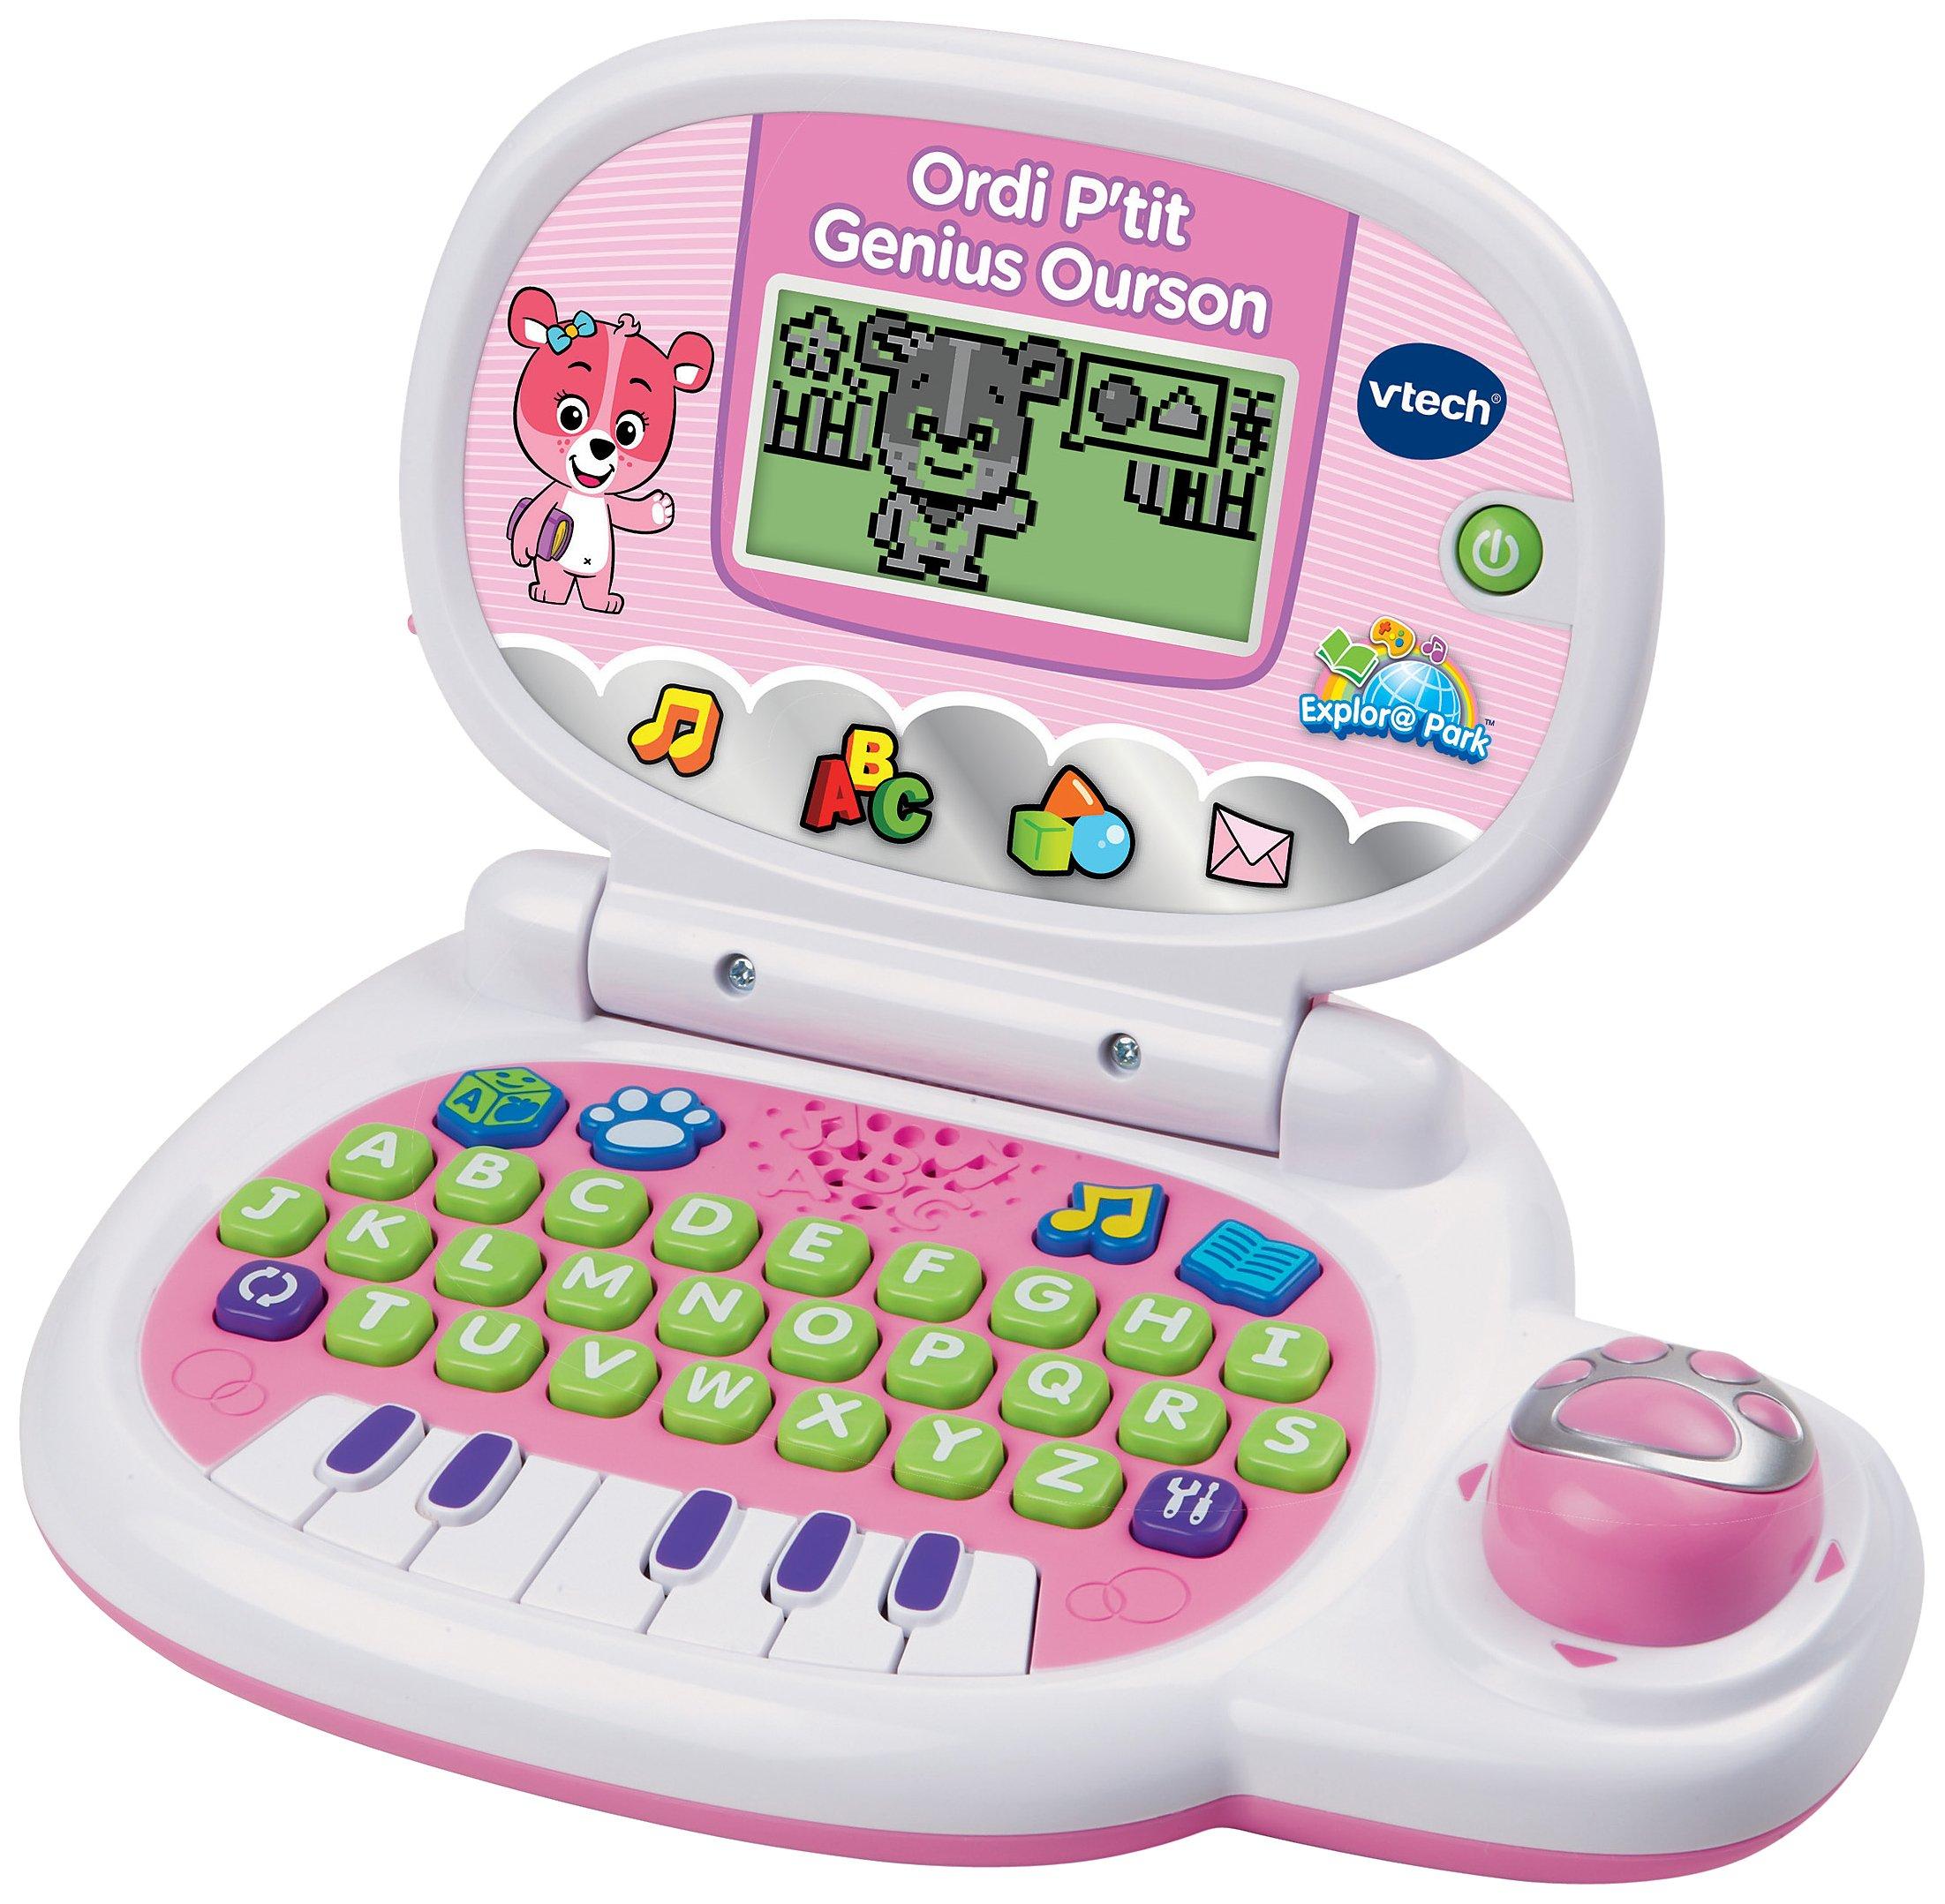 Vtech - 139555 - Jeu électronique - Ordinateur P'tit - Genius Ourson - Rose product image